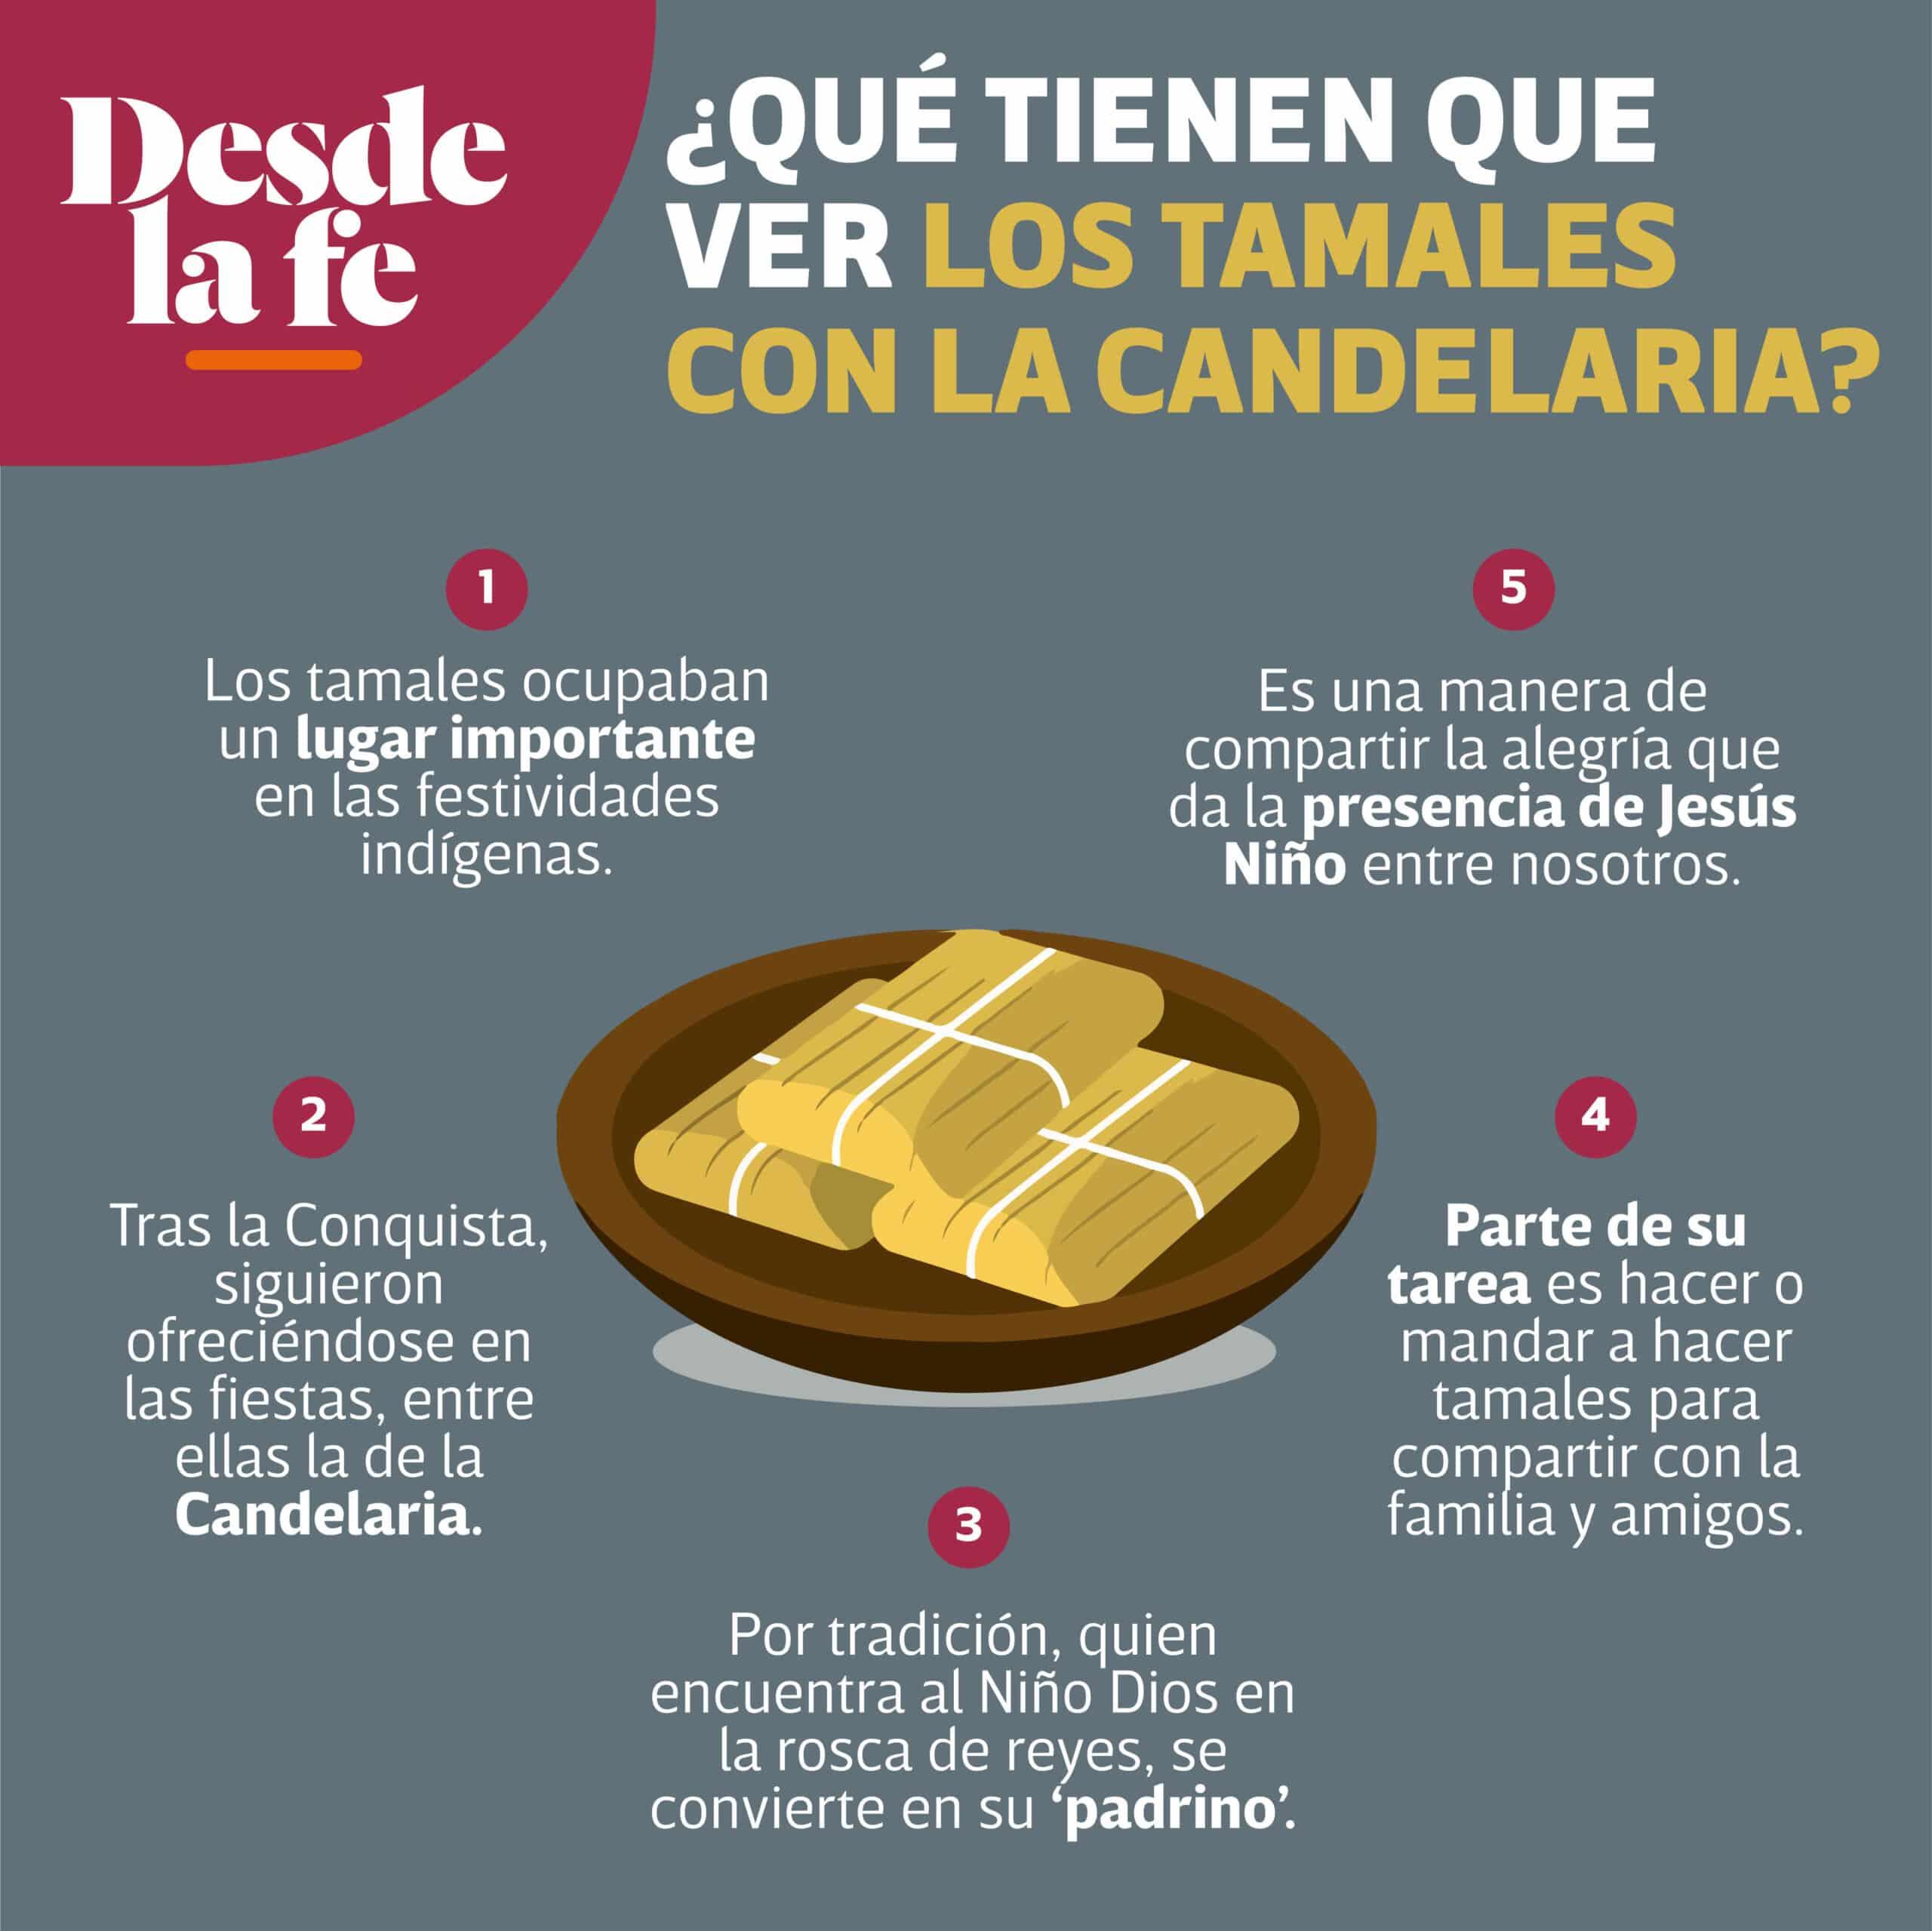 Los tamales se han vuelto parte importante de la celebración del Día de la Candelaria.